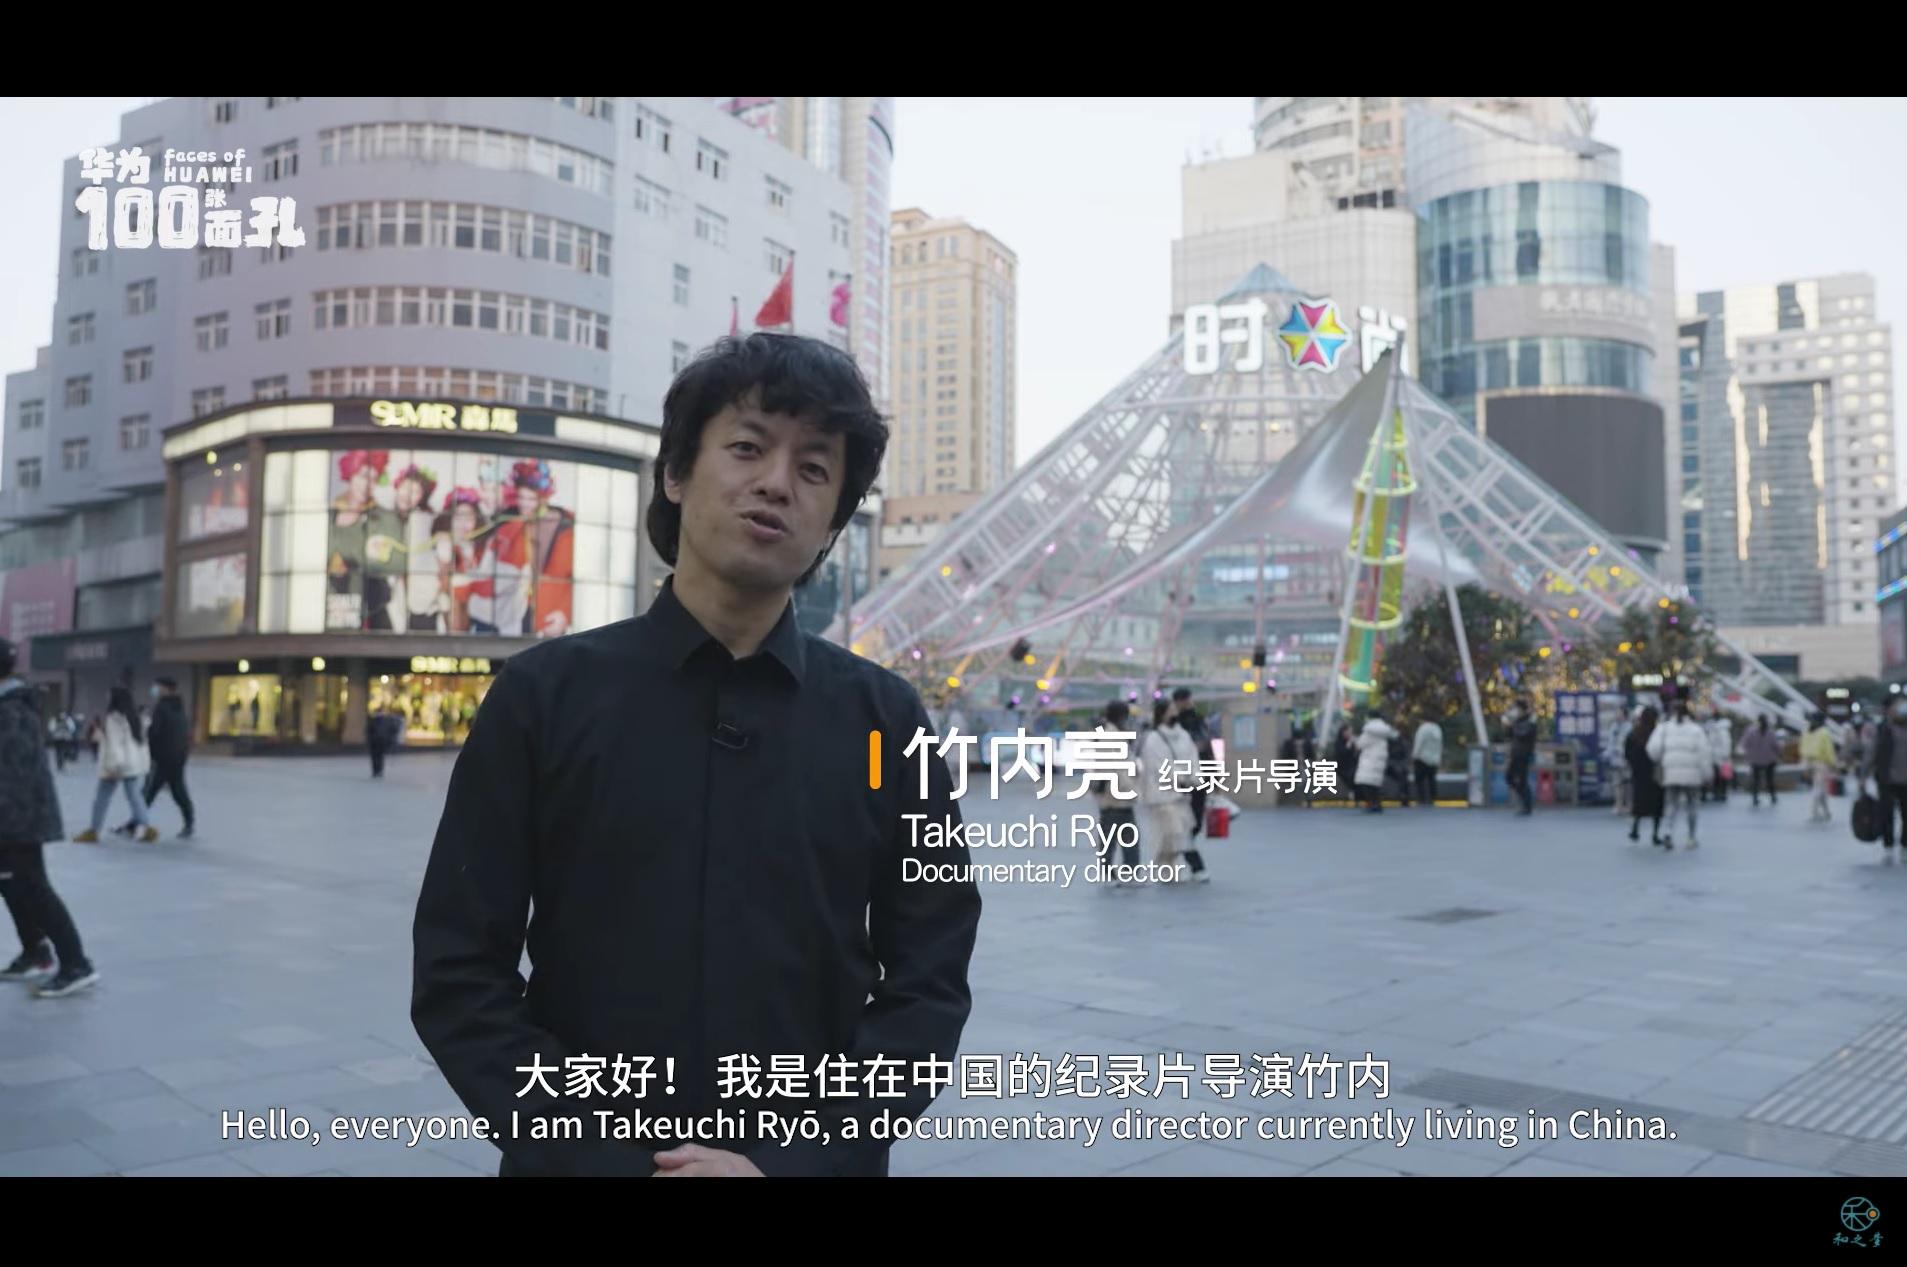 「武漢レポート」「ファーウェイ密着」日本人ドキュメンタリー監督の動画がバズりまくるワケ